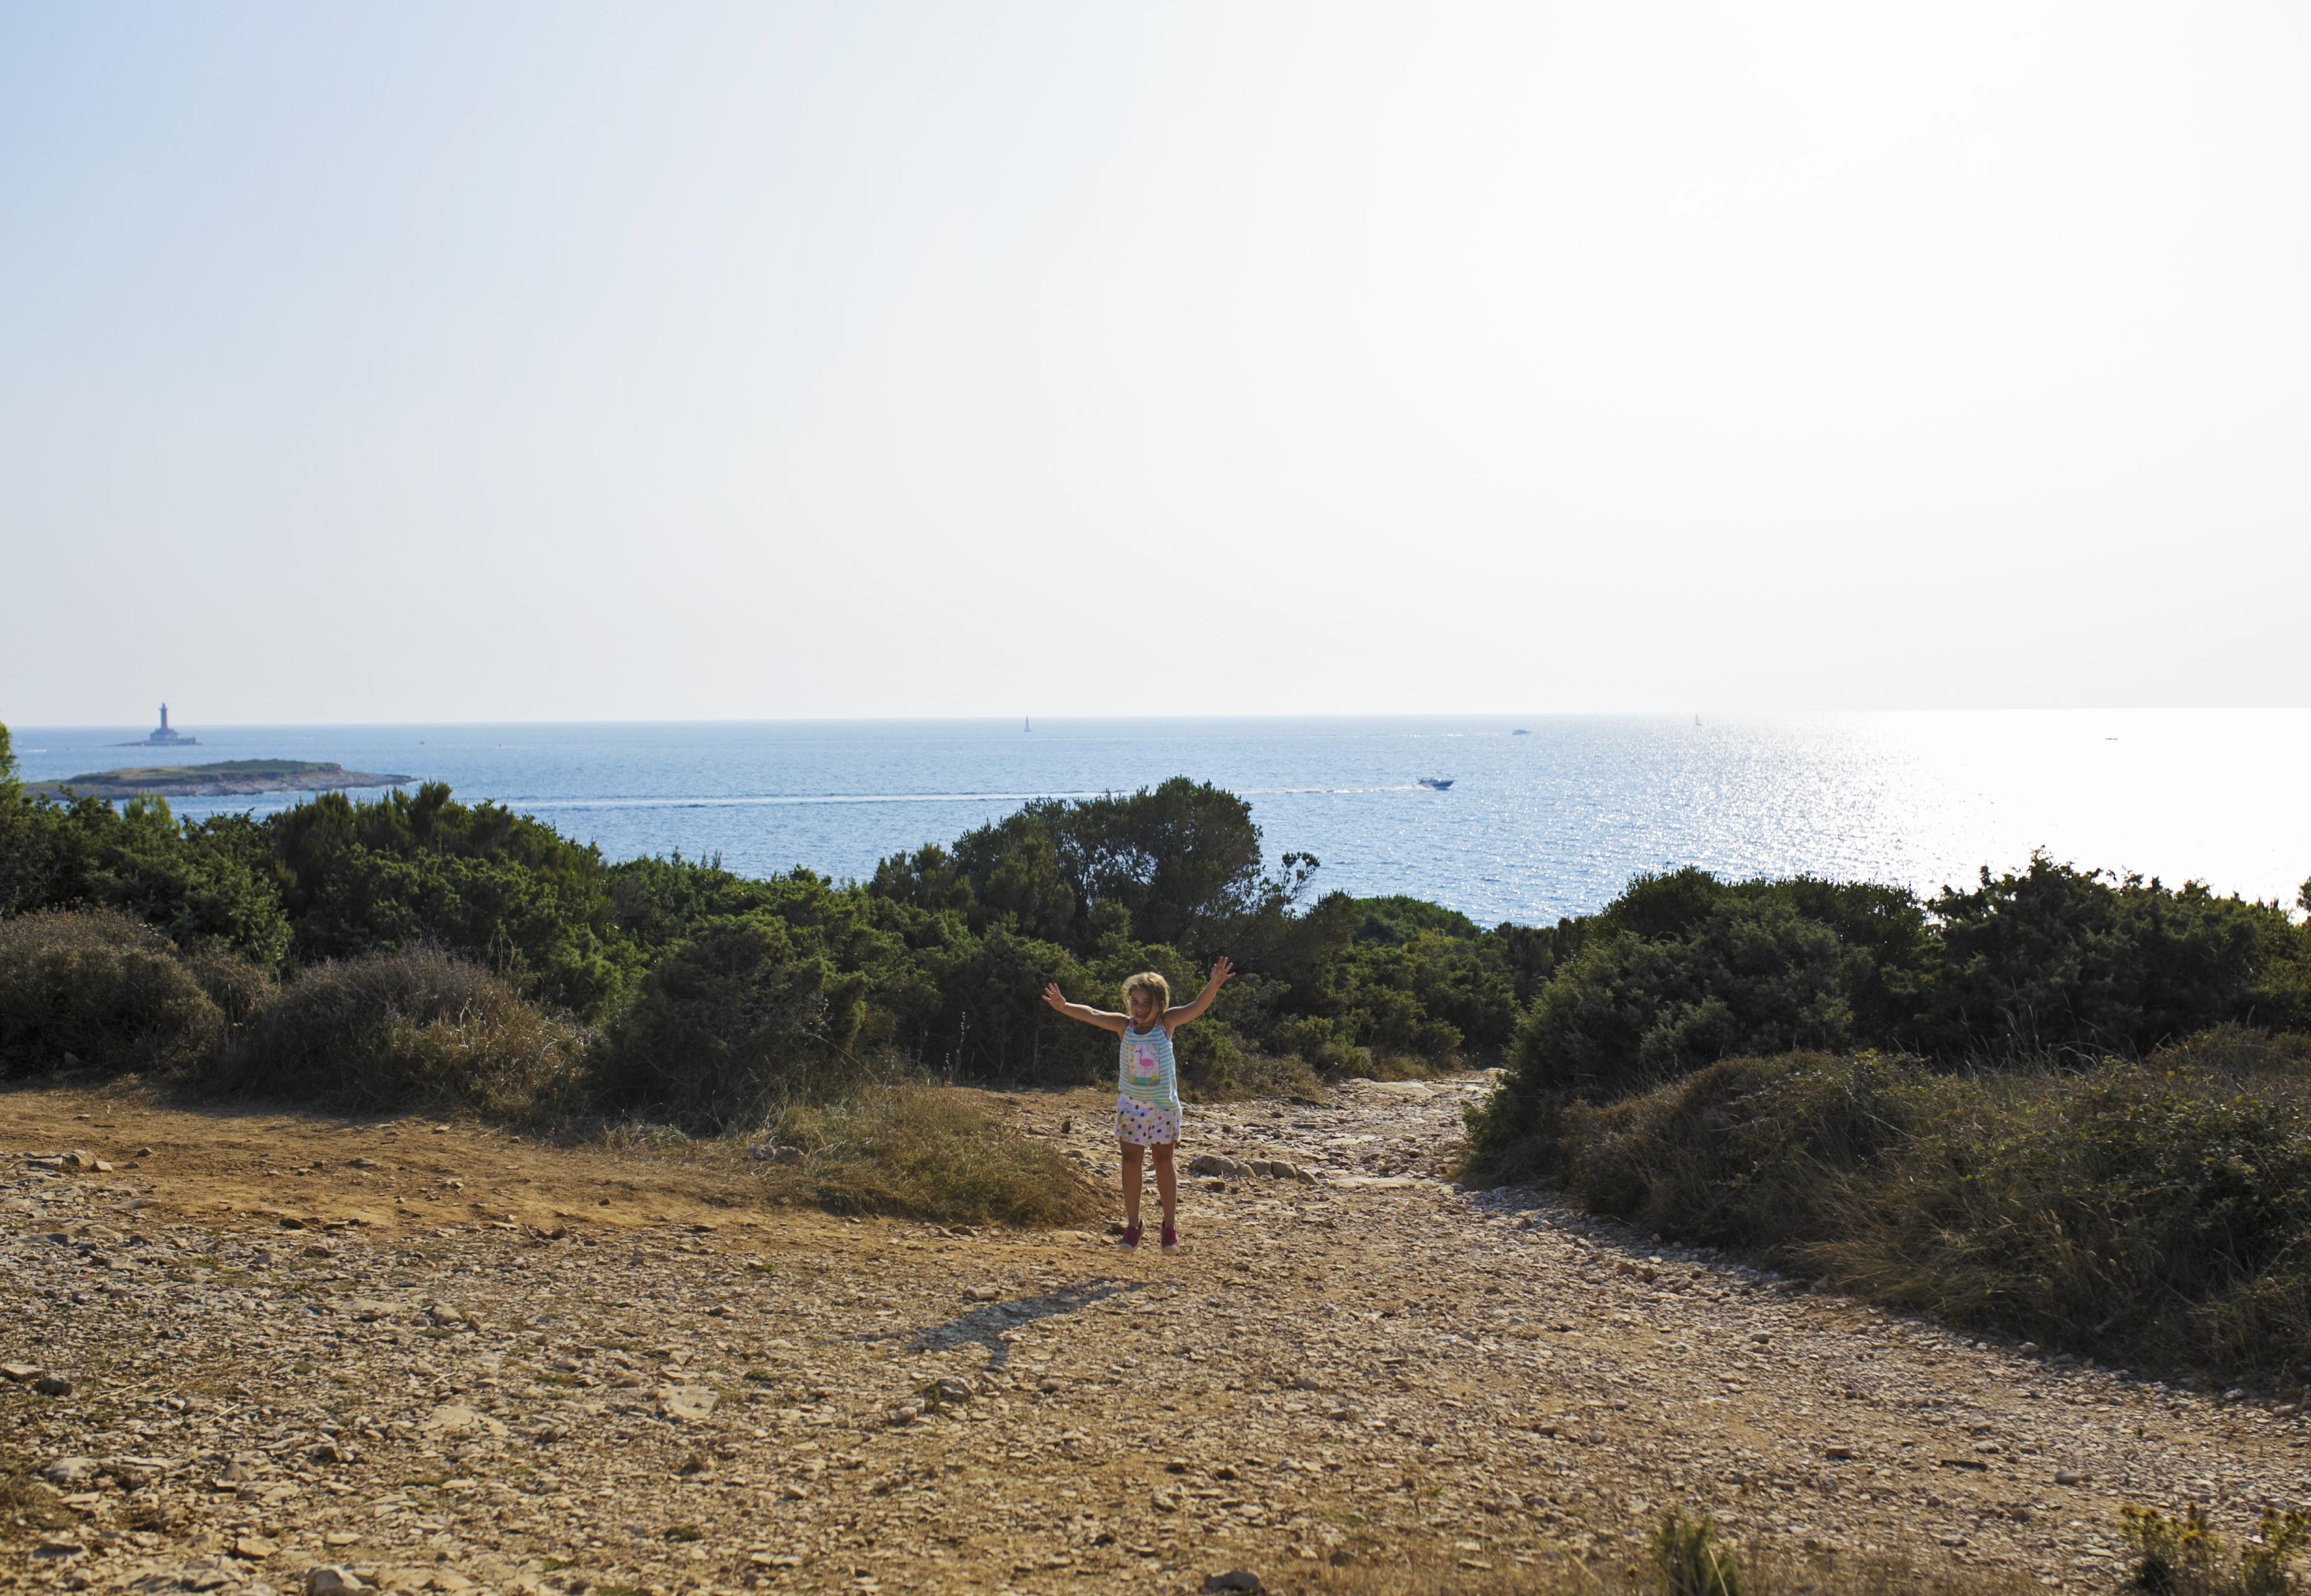 chorwacja, croatia, chorwacja plaże